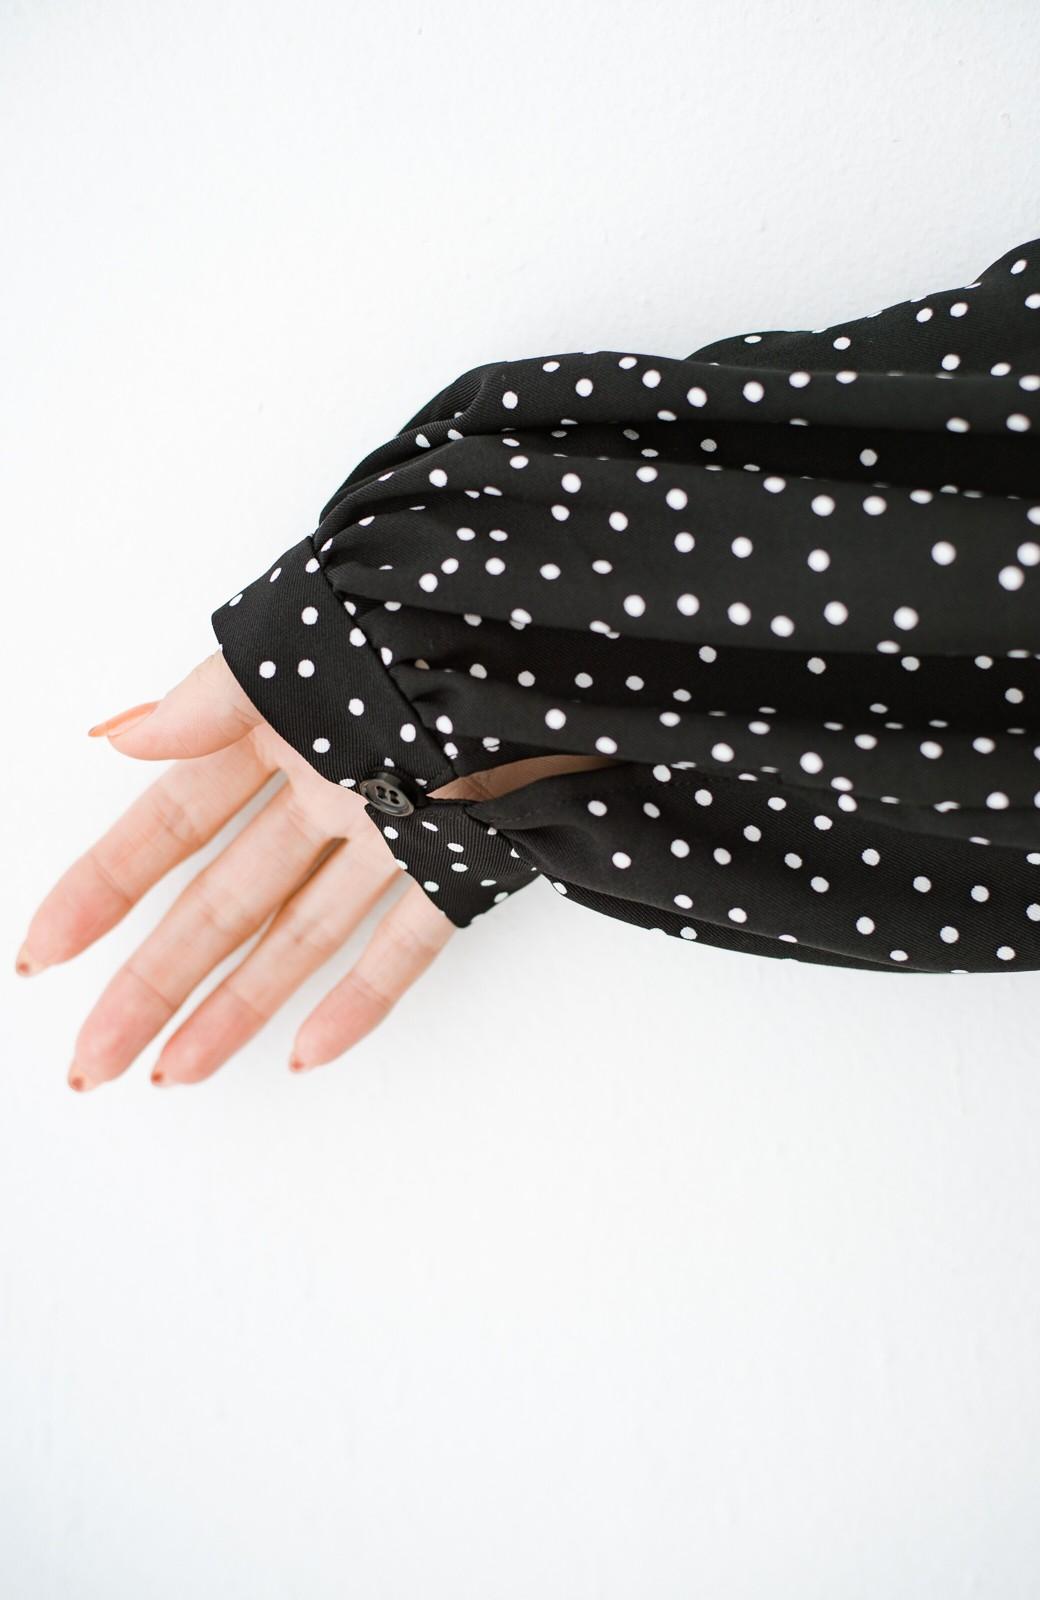 haco! 1枚でも重ね着でもかわいさ後押し!着まわし力が自慢の星空風ドットのティアードワンピース <ブラック系その他>の商品写真8